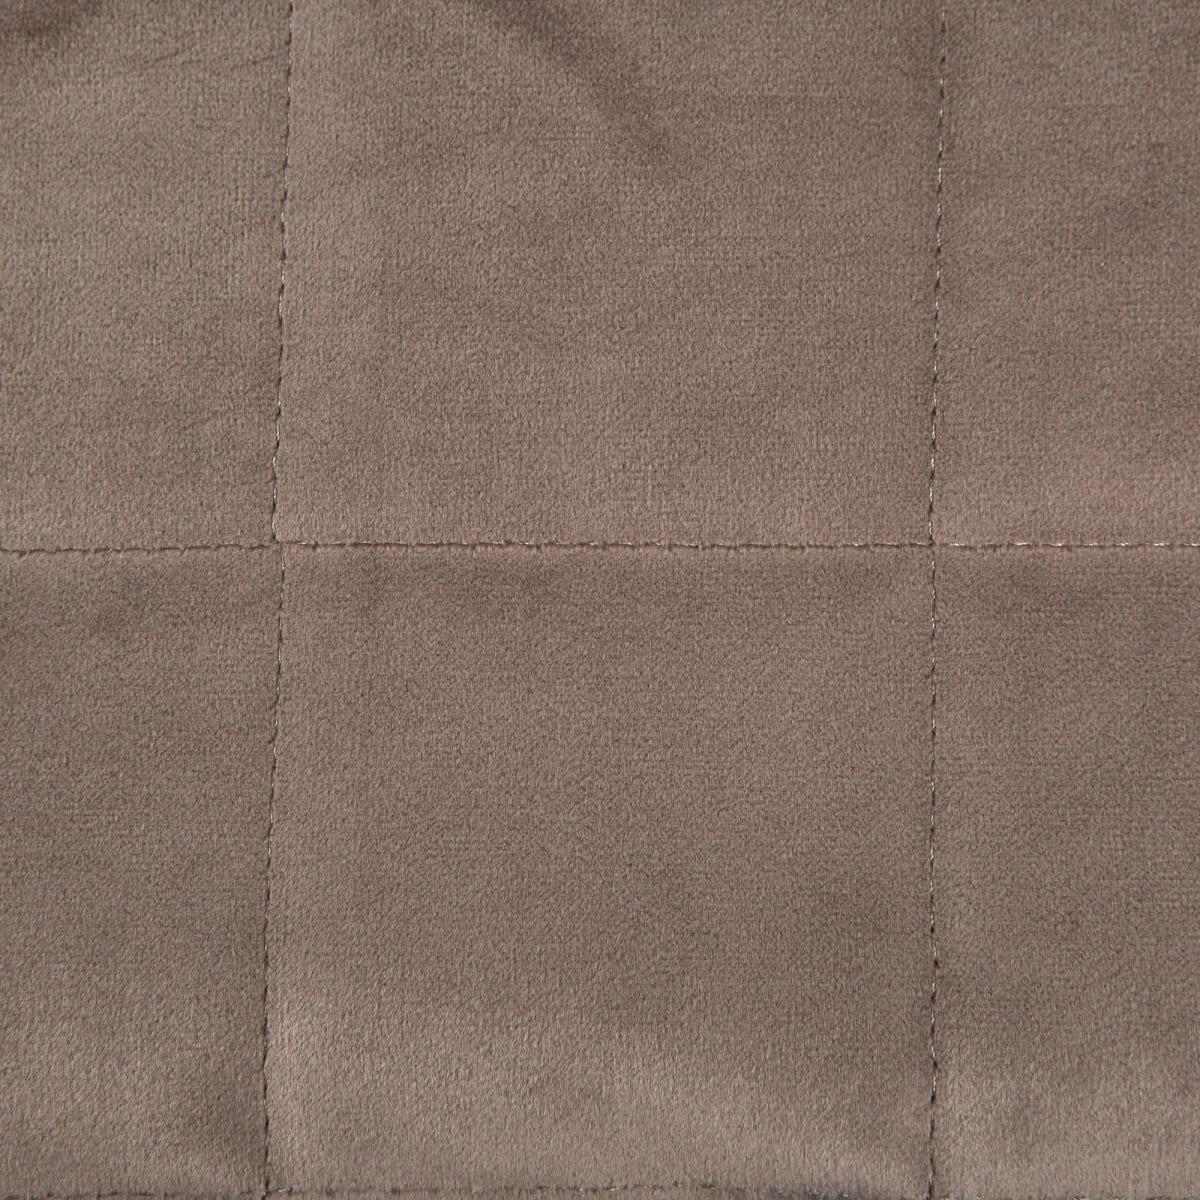 Étoile-Velvet-Céramique 23x23x5cm nachtgrün coffrets ELNO à tous-Décor